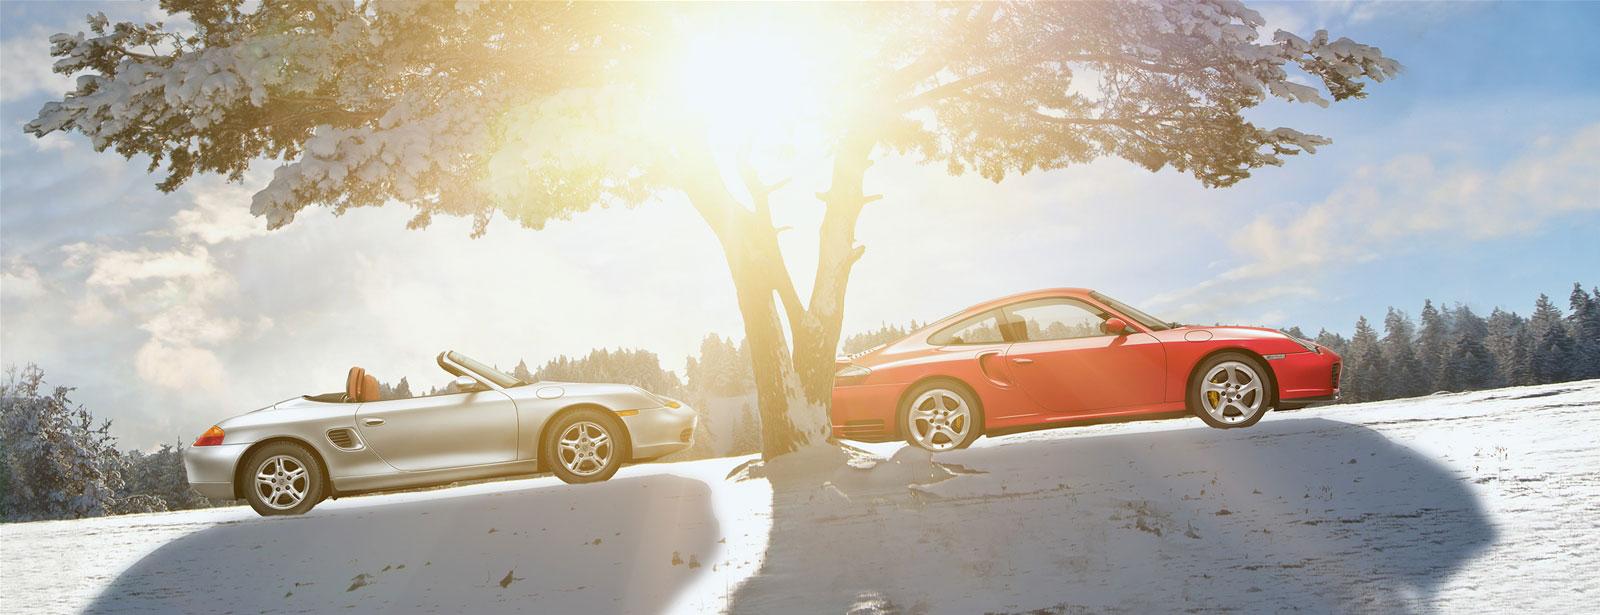 Welcome to classic. - Porsche Boxster (986)   Porsche 911 (996).